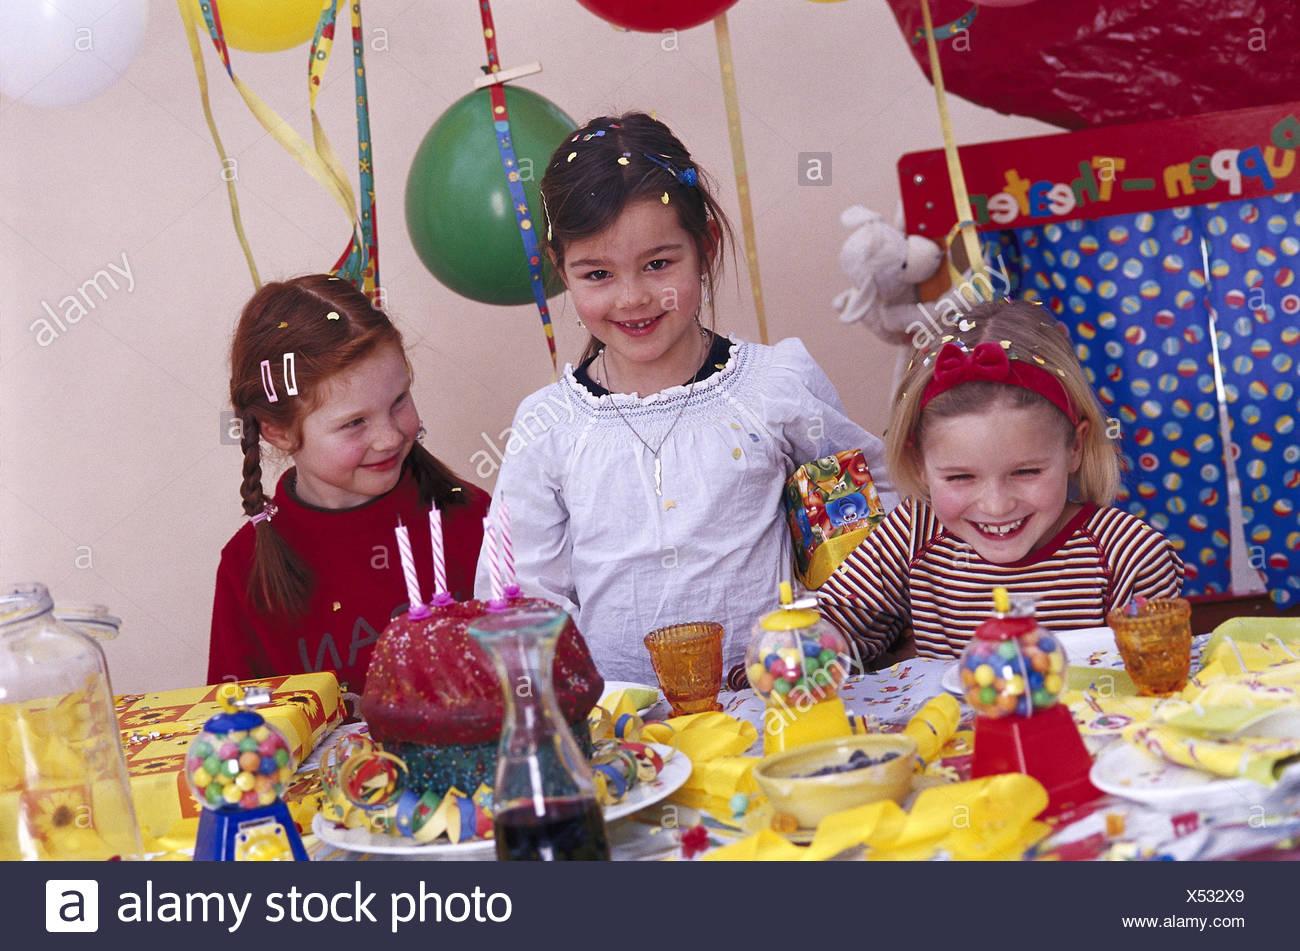 Festa A Sorpresa Di Compleanno festa di compleanno di bambini, ragazza, presente